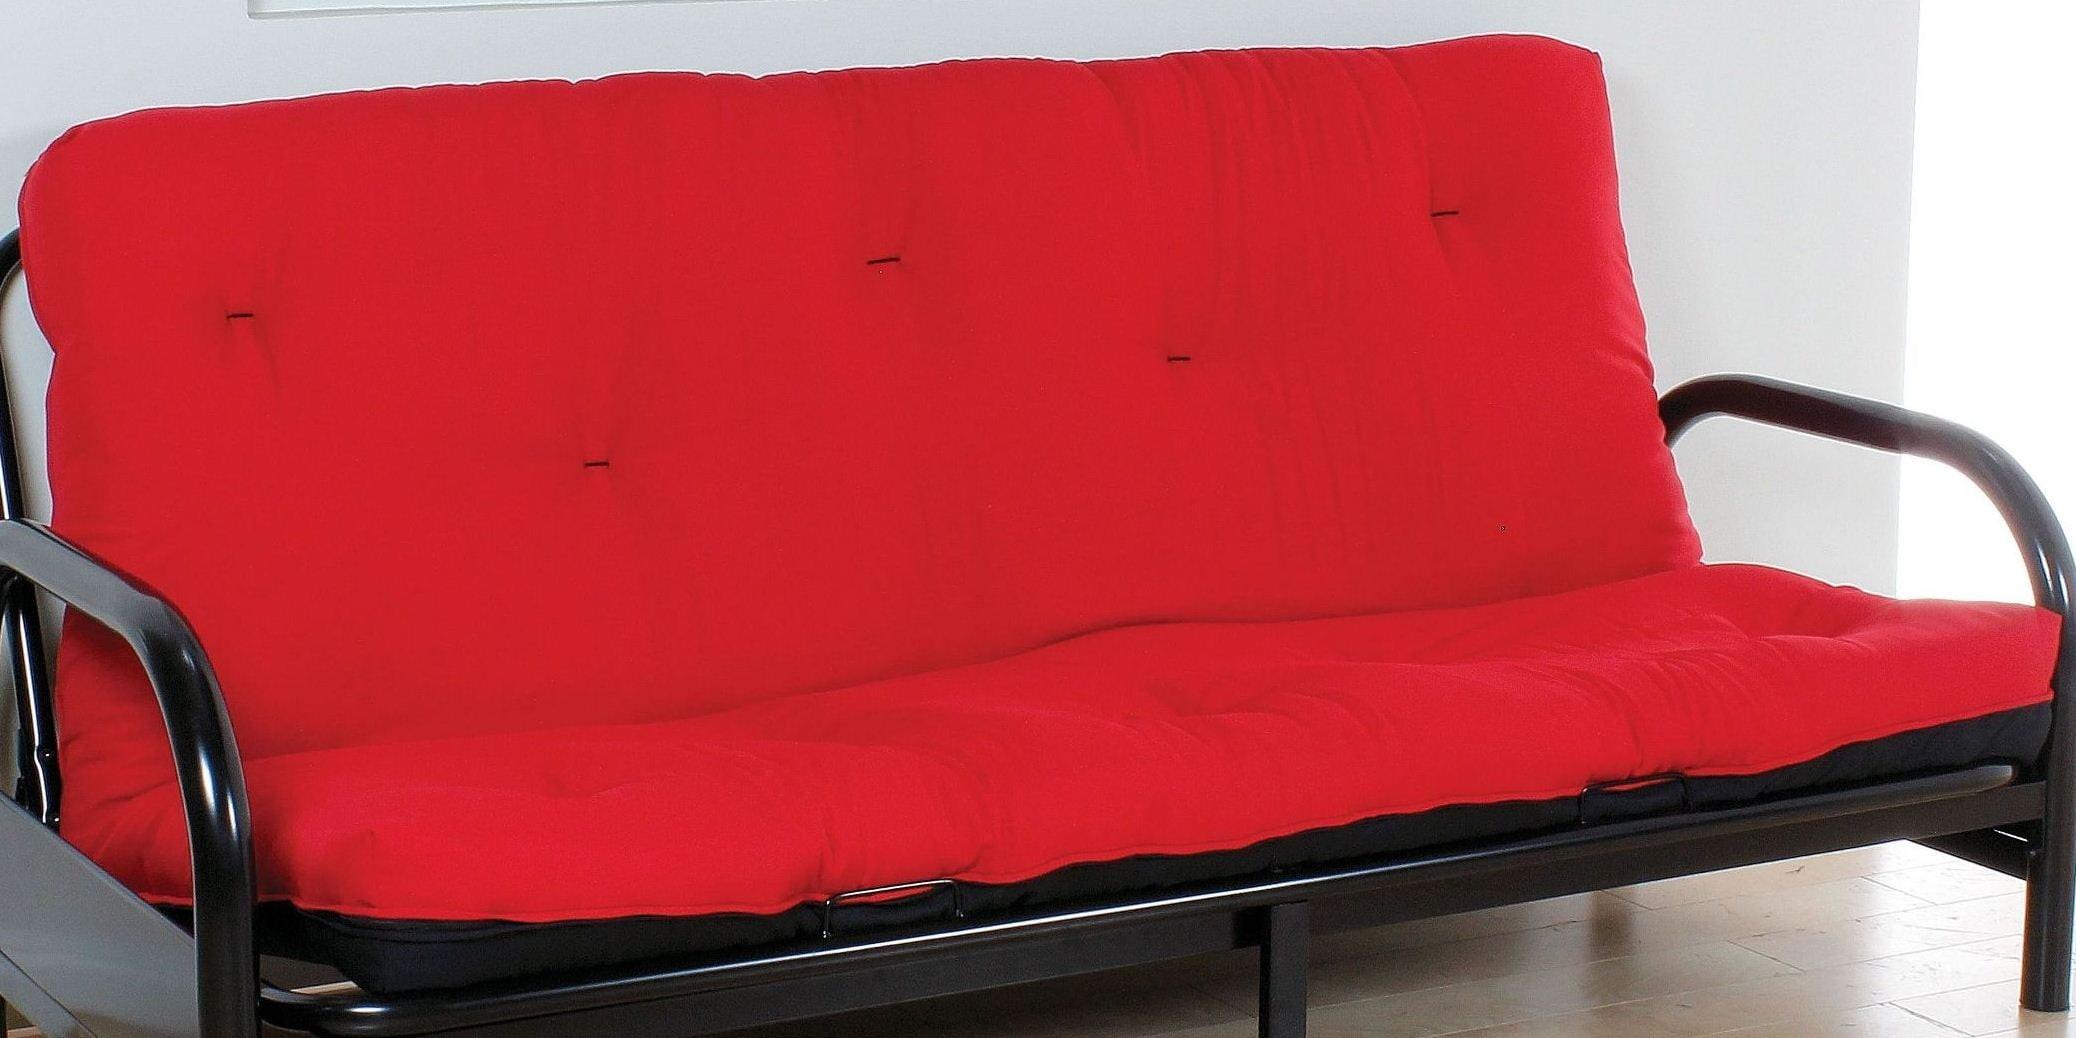 La Red And Black 6 Full Futon